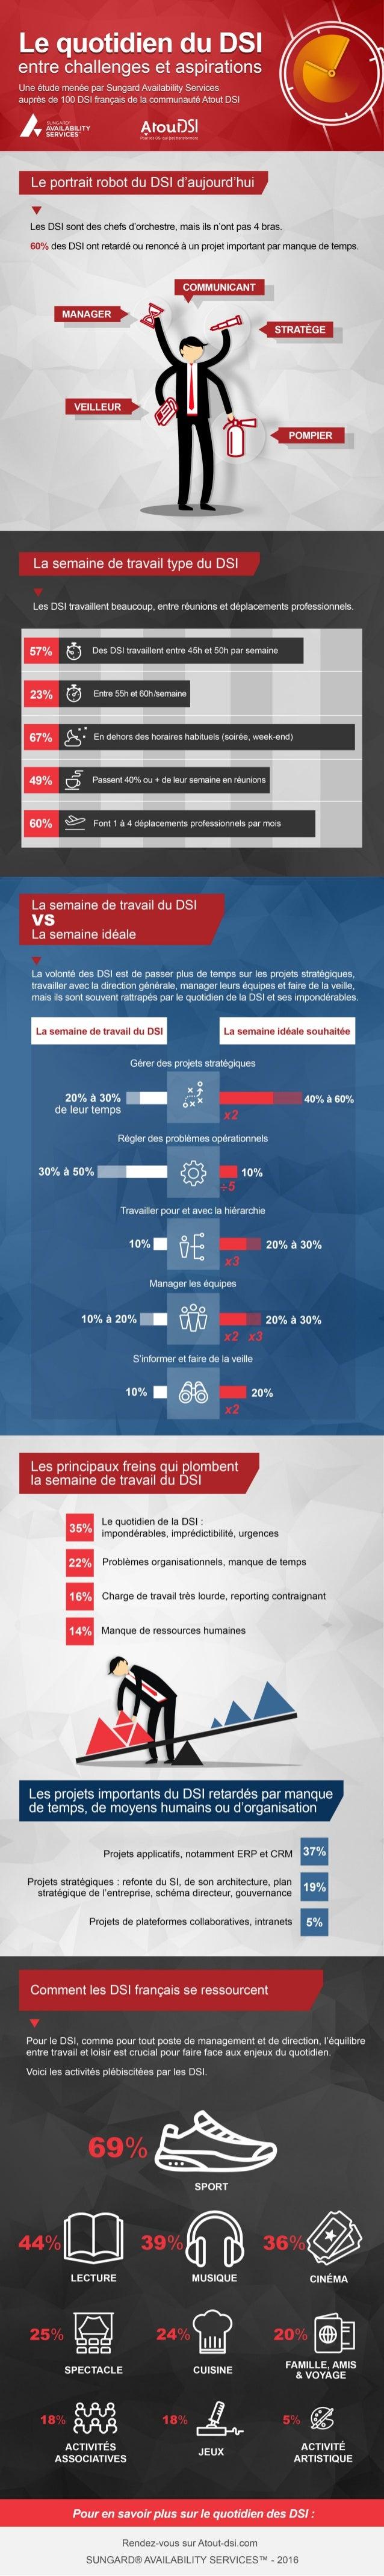 Infographie : le quotidien du DSI